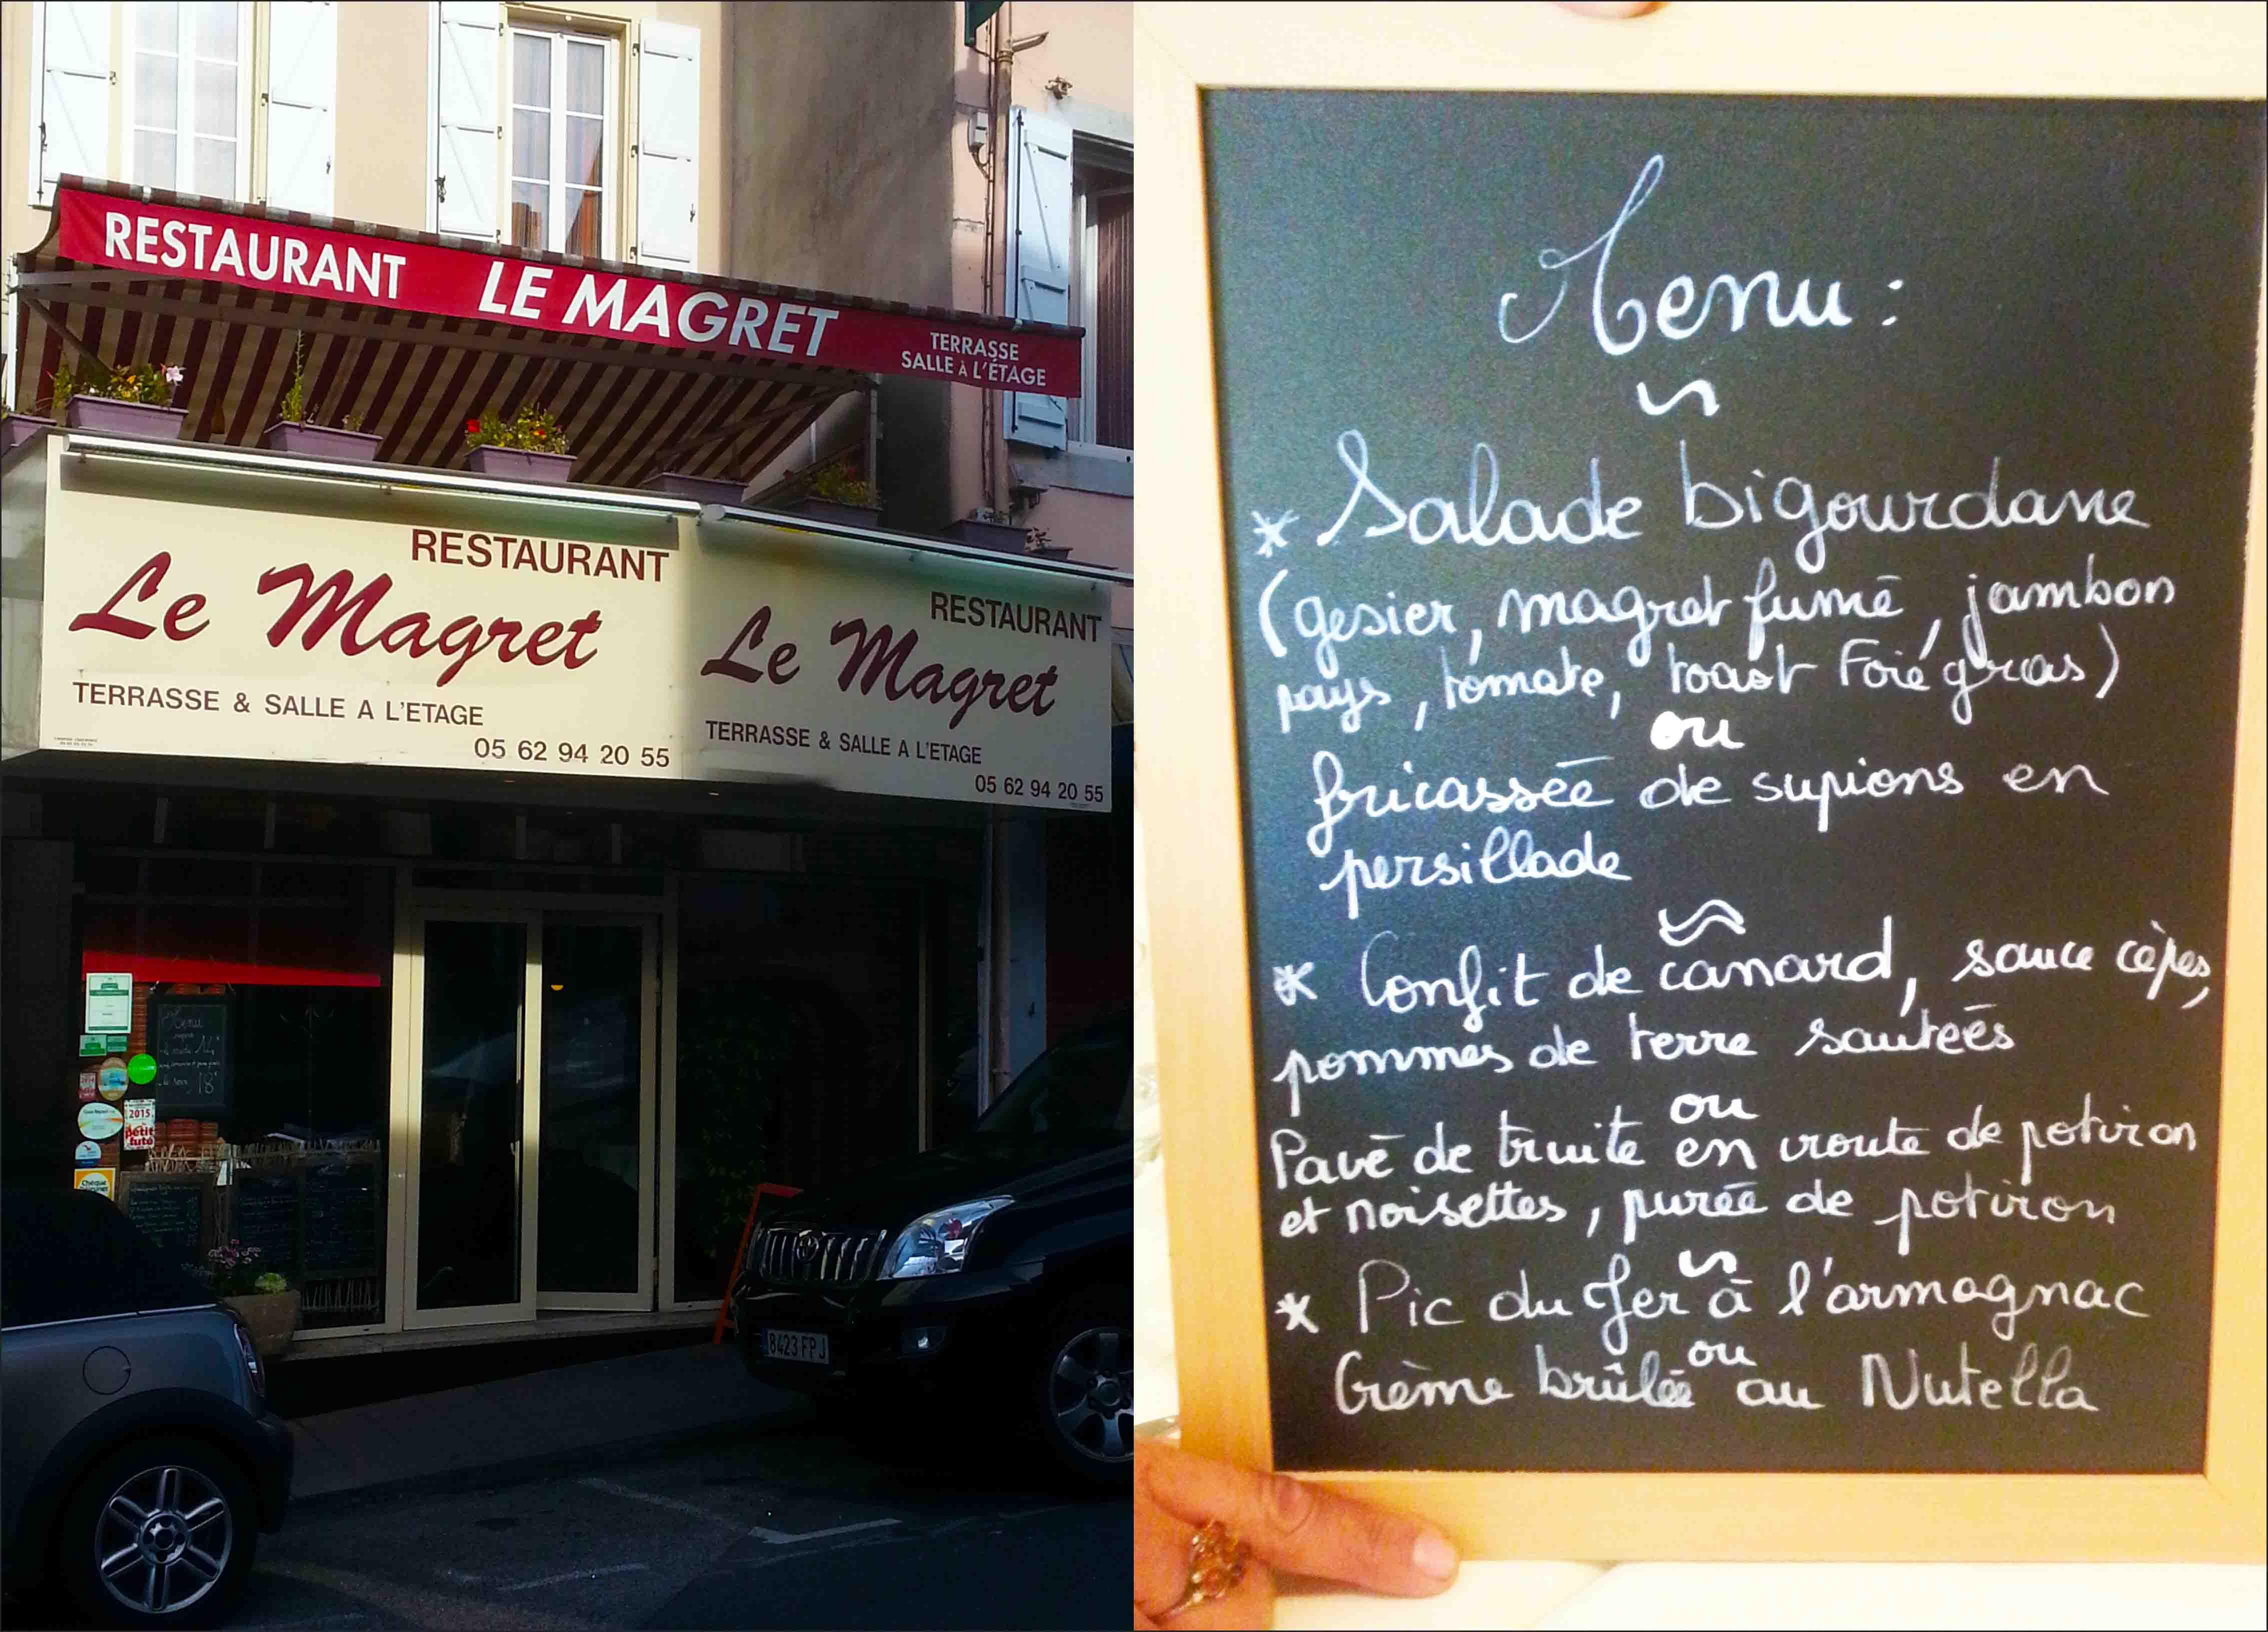 Restaurante e menu. Os franceses são autênticos e regionalistas